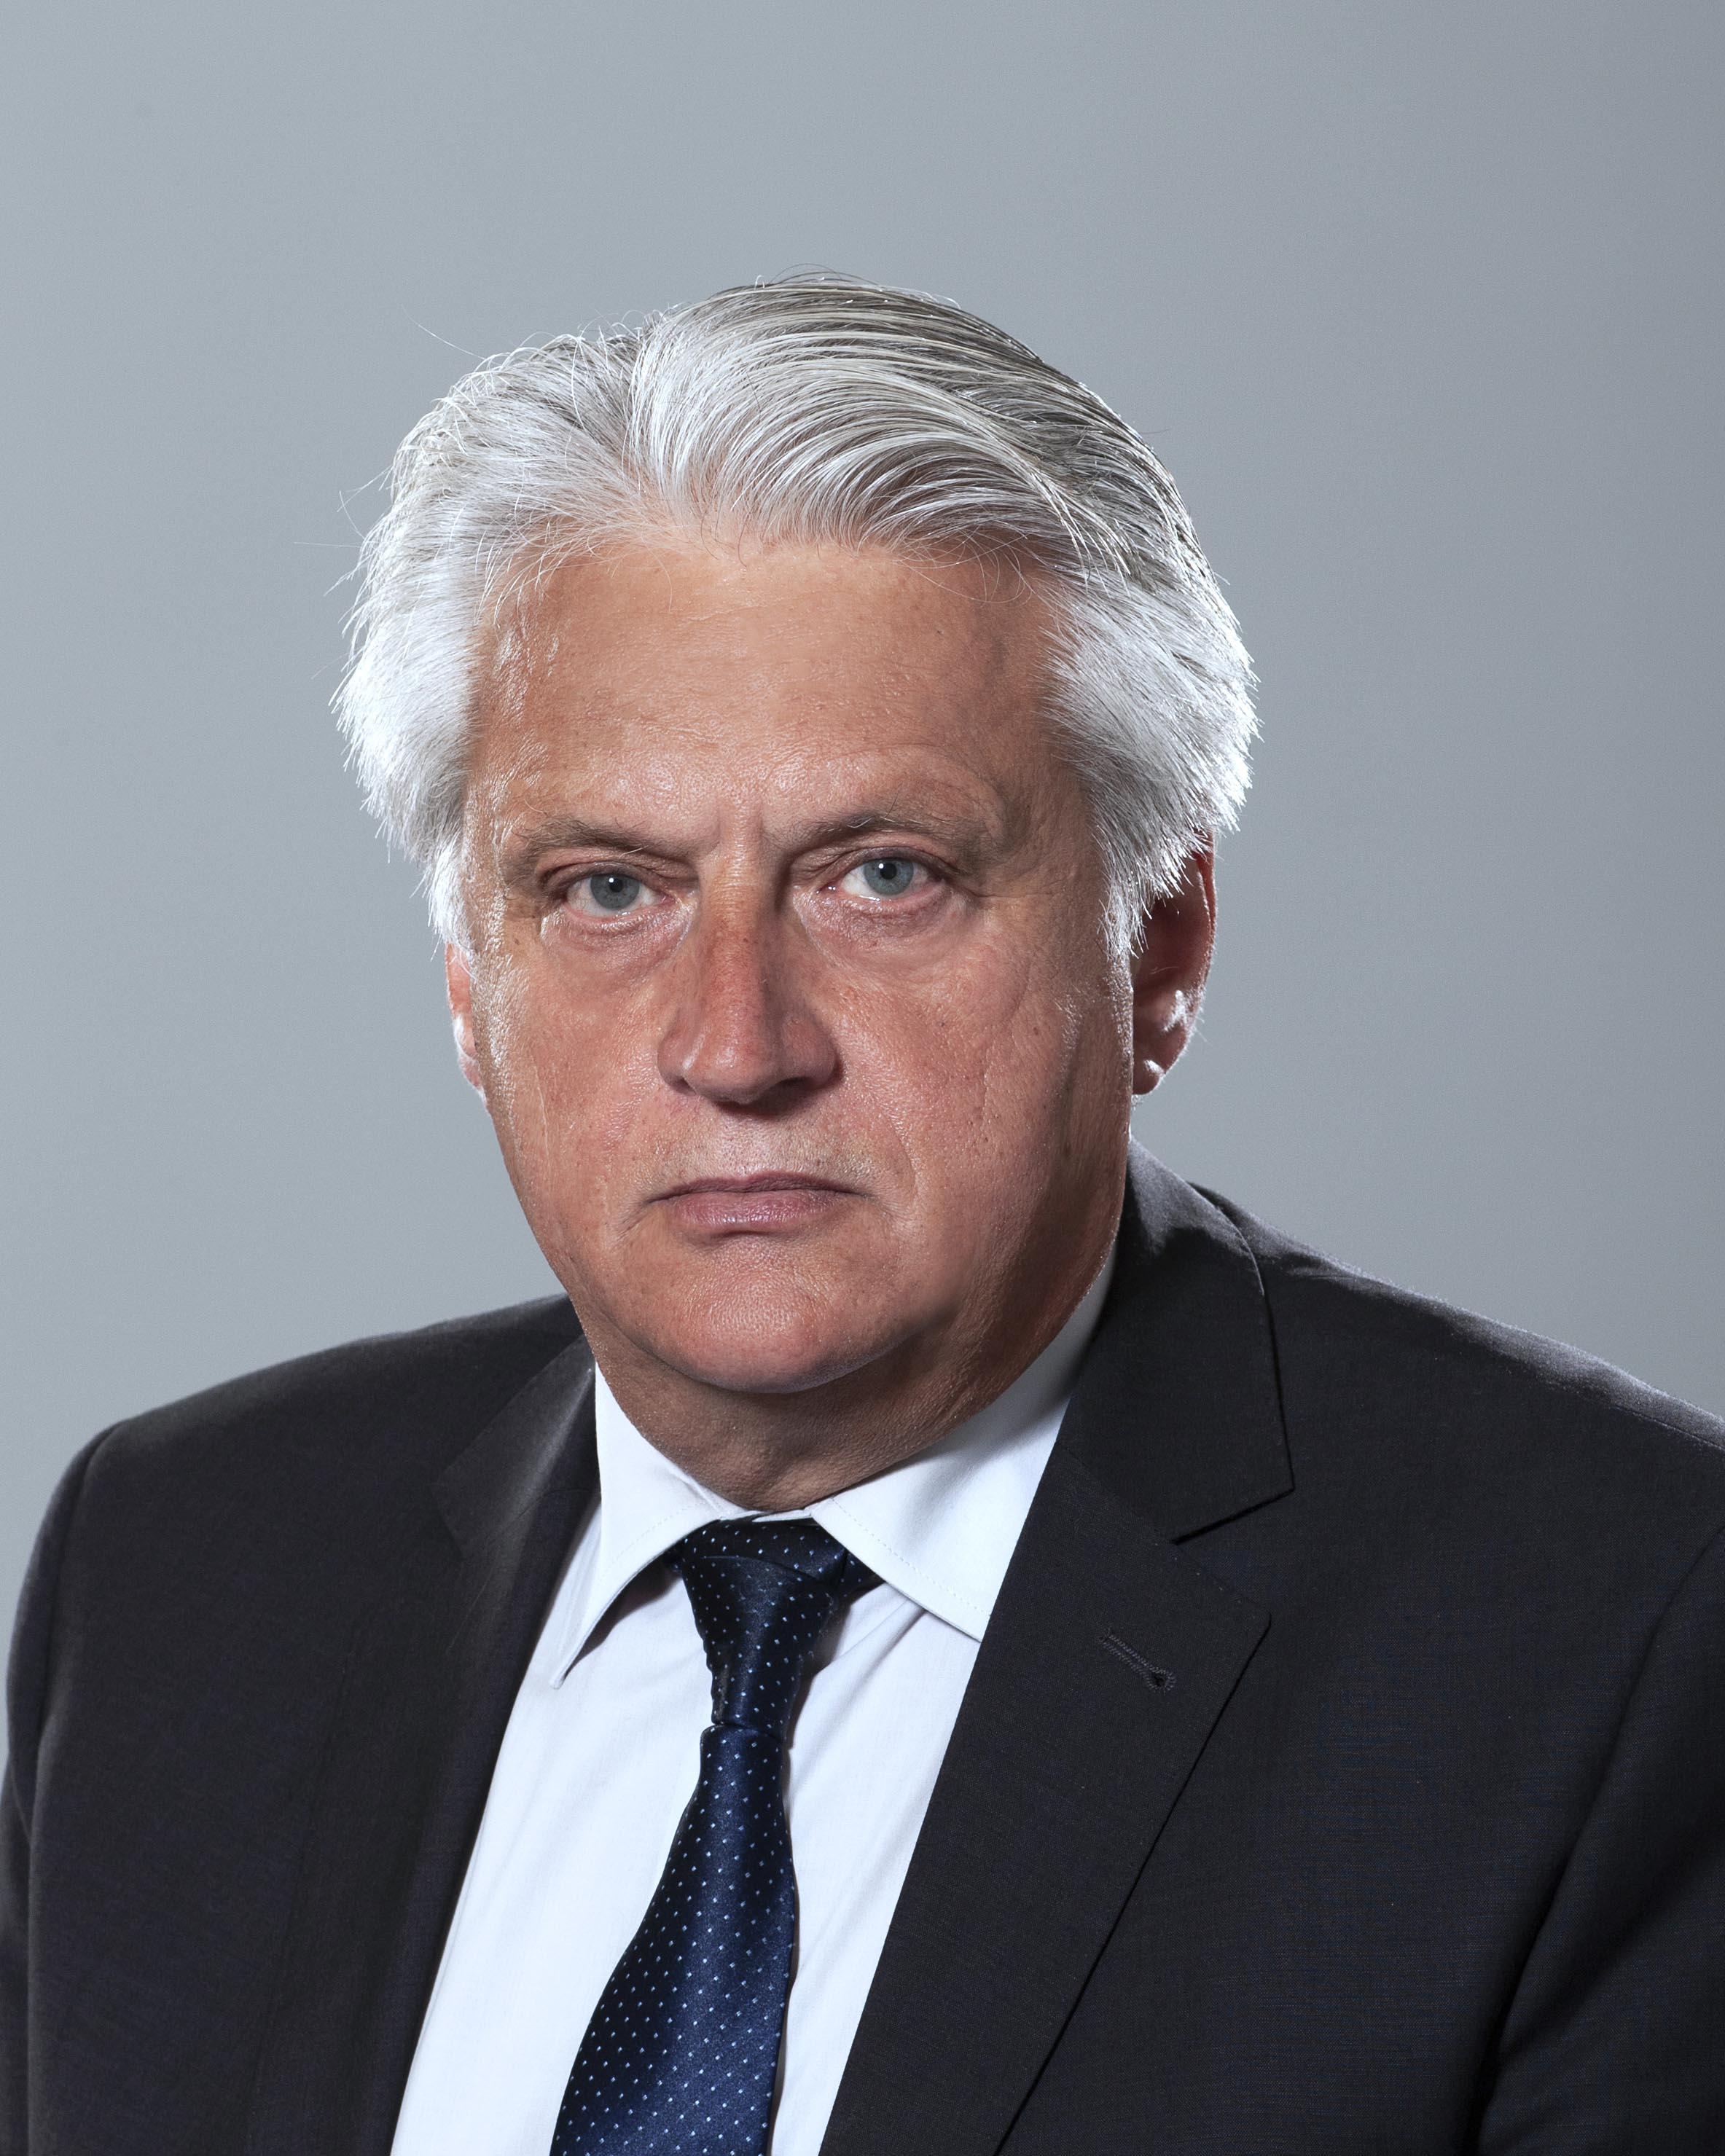 <p>Бойко Илиев Рашков - служебен заместник министър- председател по обществен ред и сигурност и служебен министър на вътрешните работи.</p>  <p><br /> &nbsp;</p>